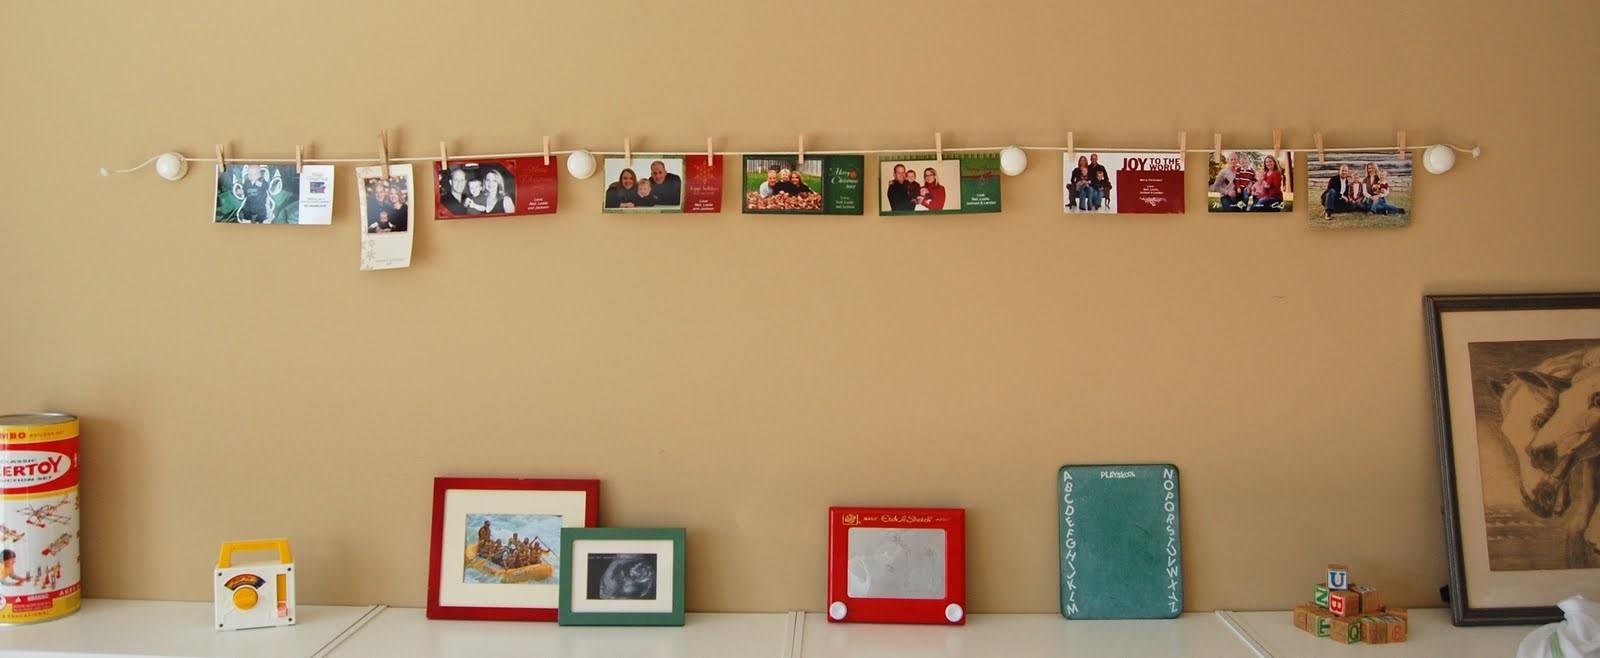 Kerstkaarten Ophangen Zo Doe Je Het Origineel Tadaaz Blog